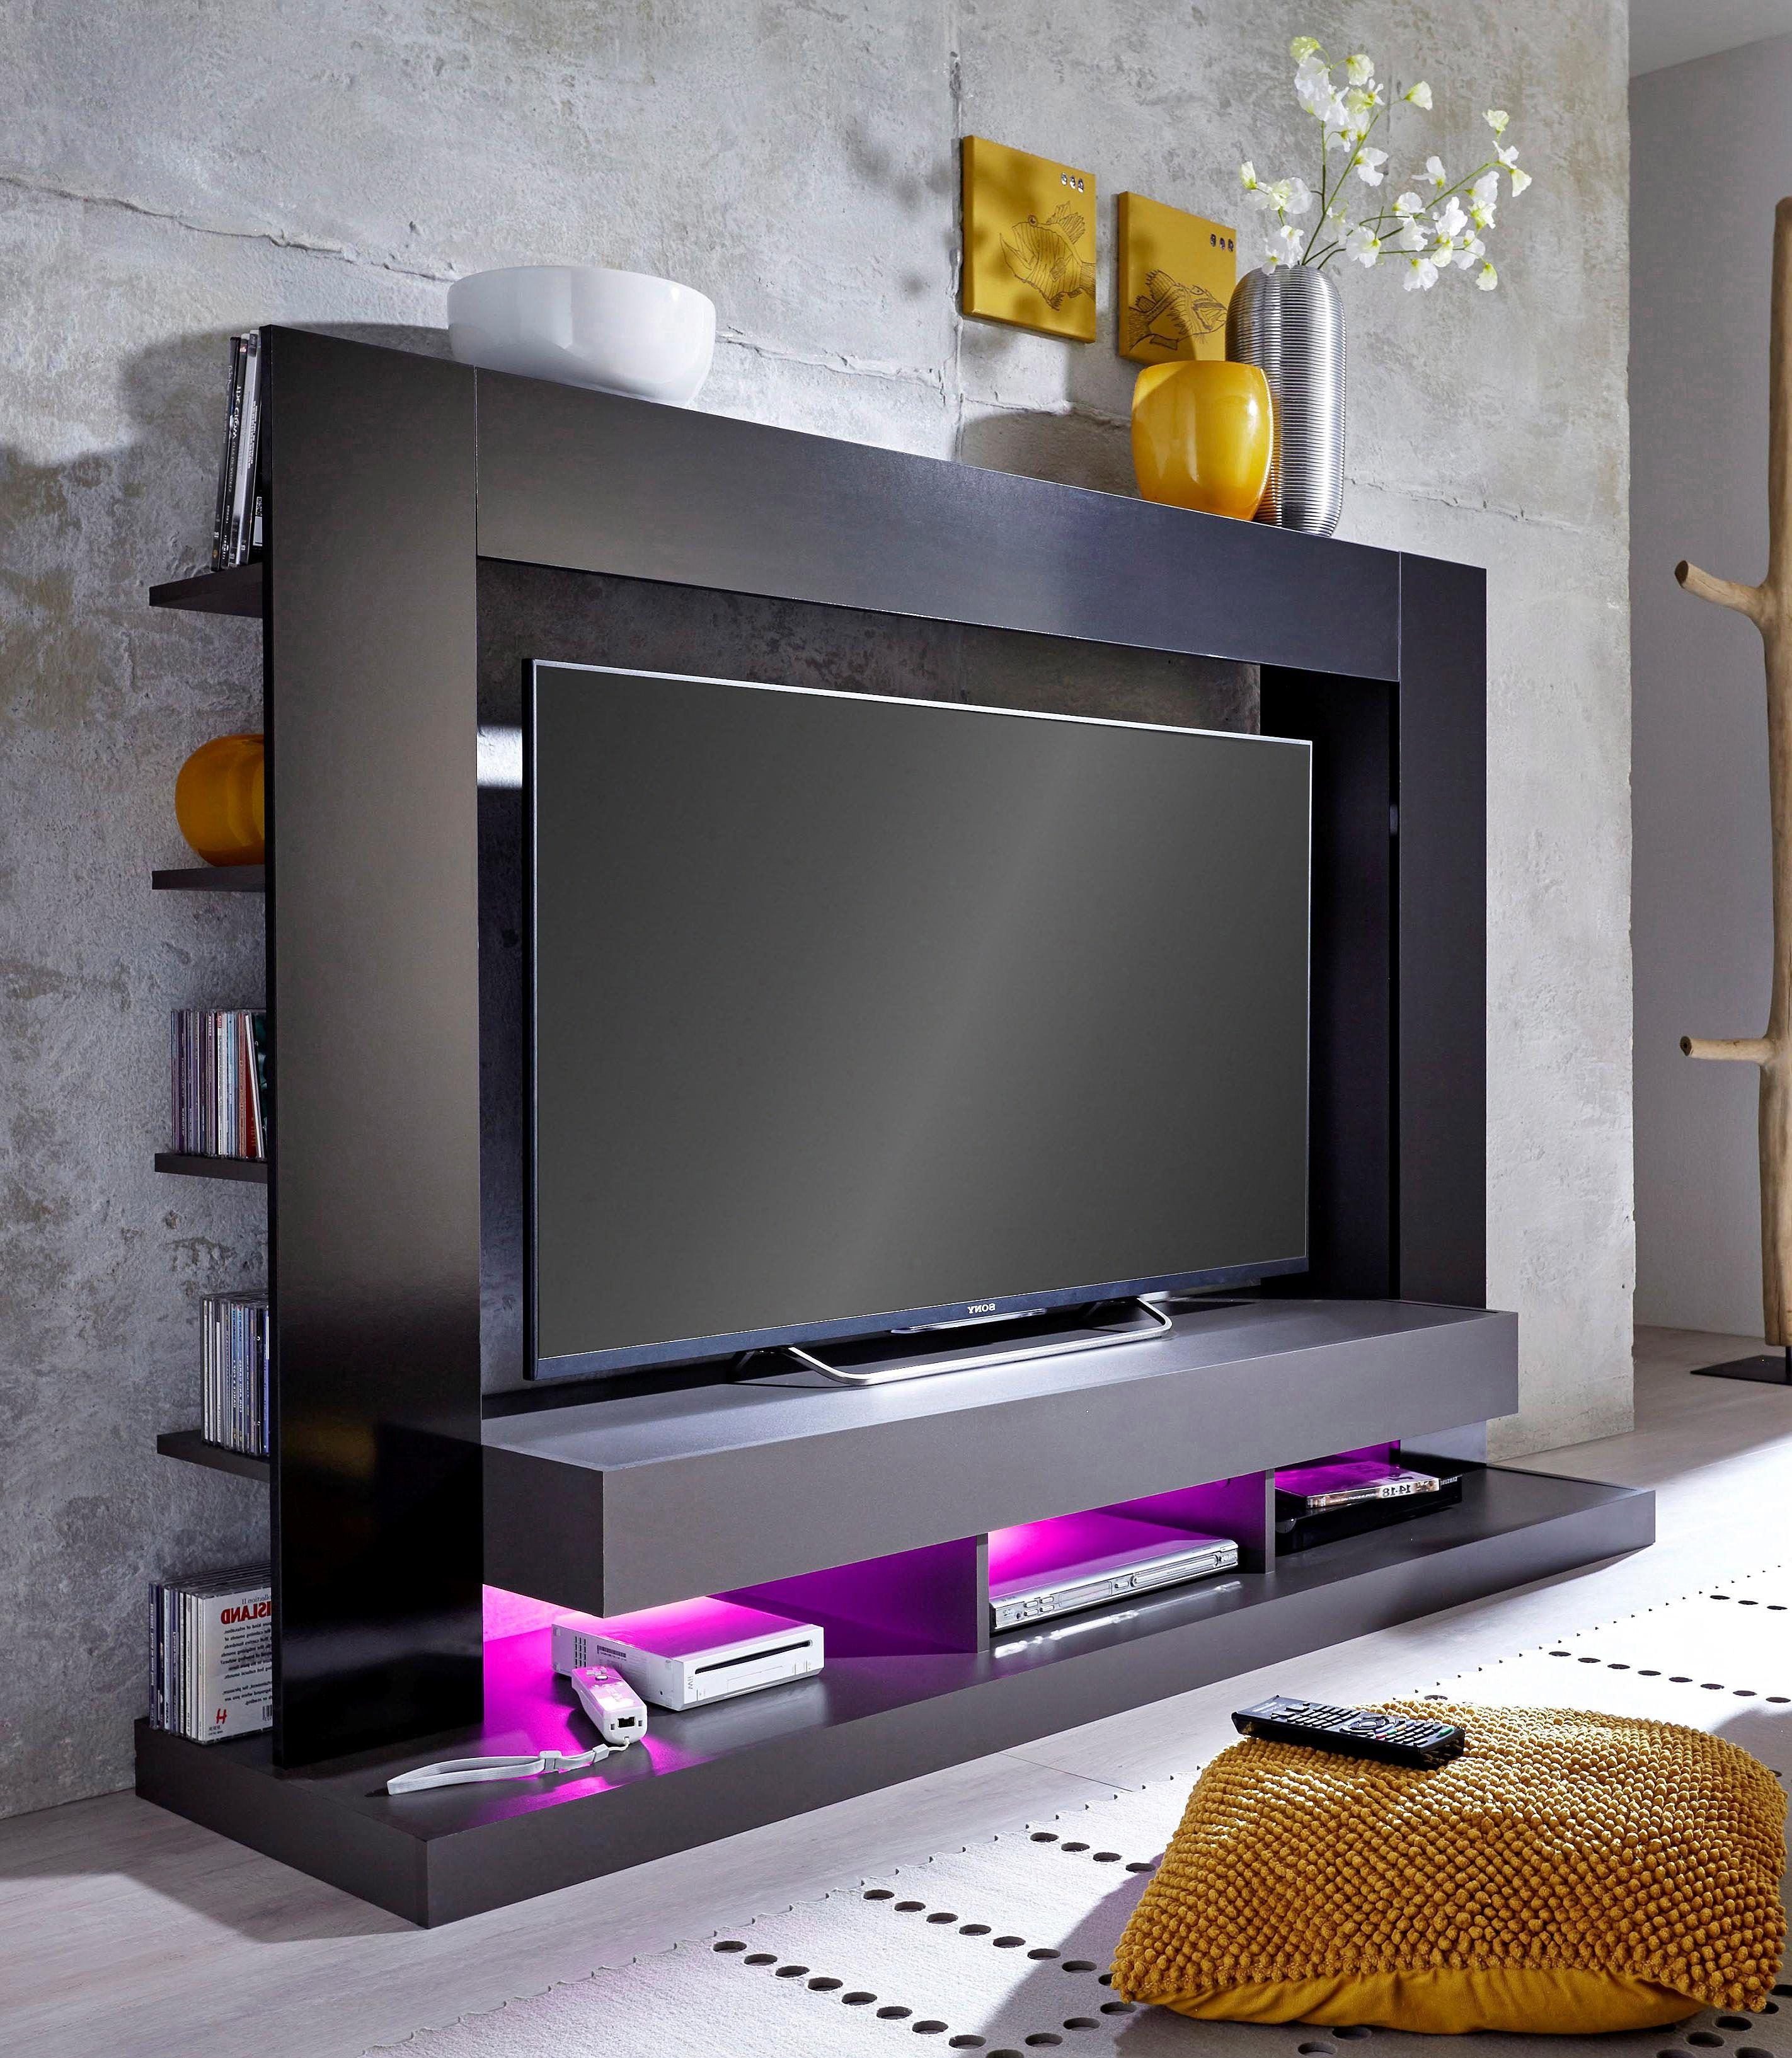 Tv Mediawand mediawand schwarz, pflegeleichte oberfläche, fsc®-zertifiziert